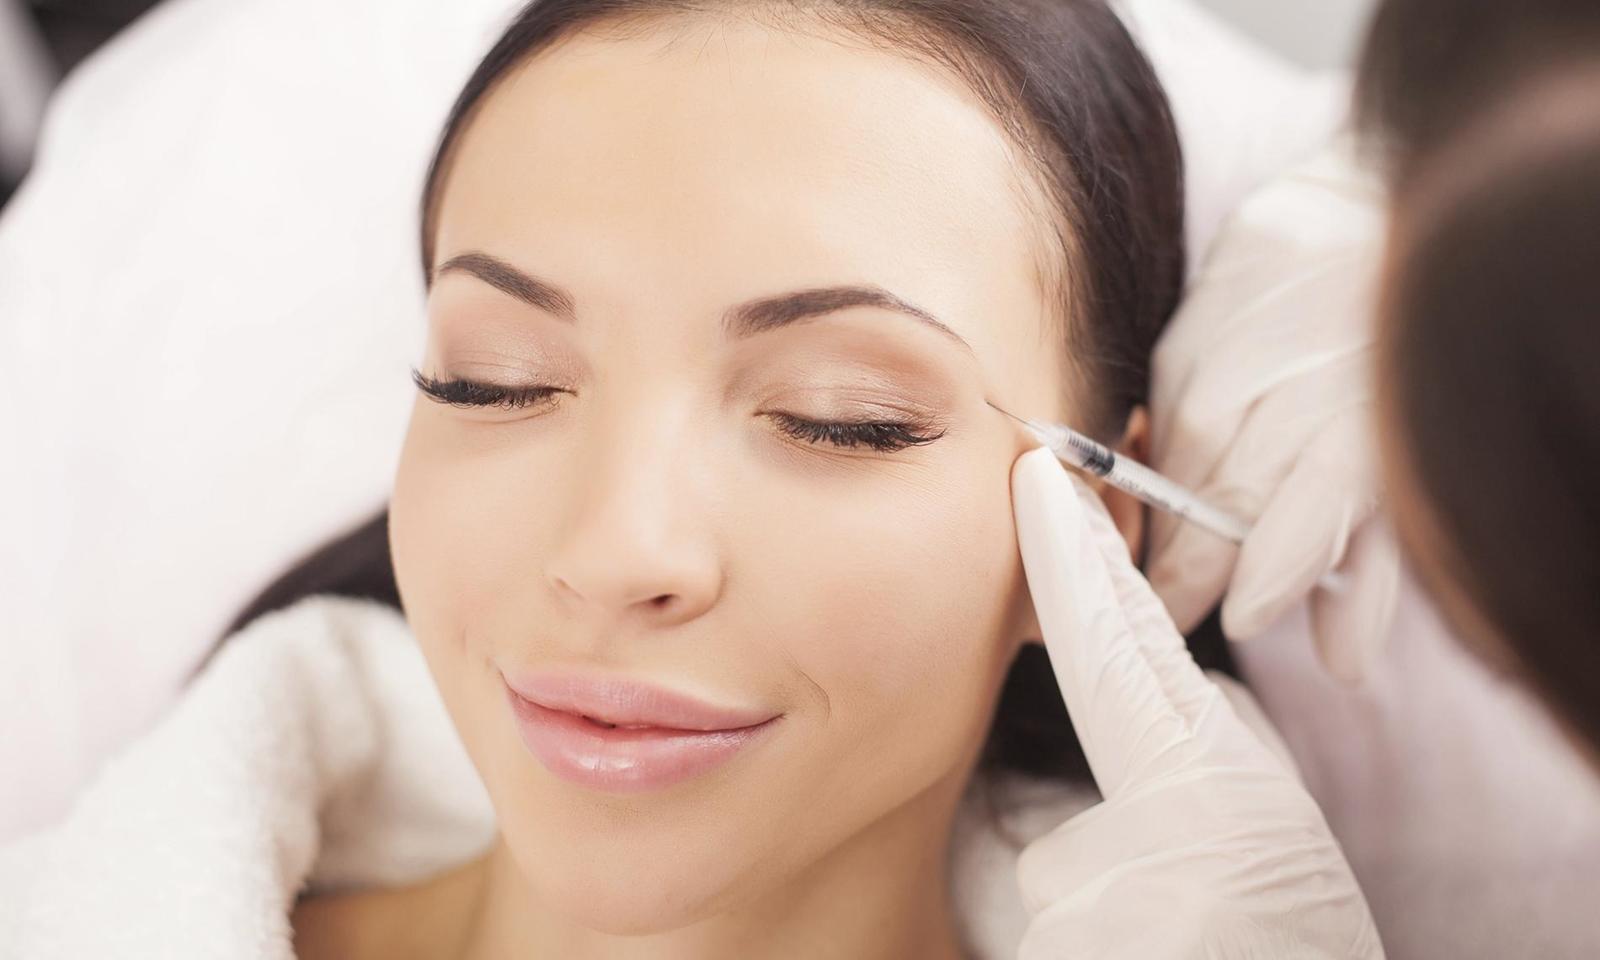 Đây là 4 phương pháp trị vết chân chim quanh mắt hiệu quả nhất